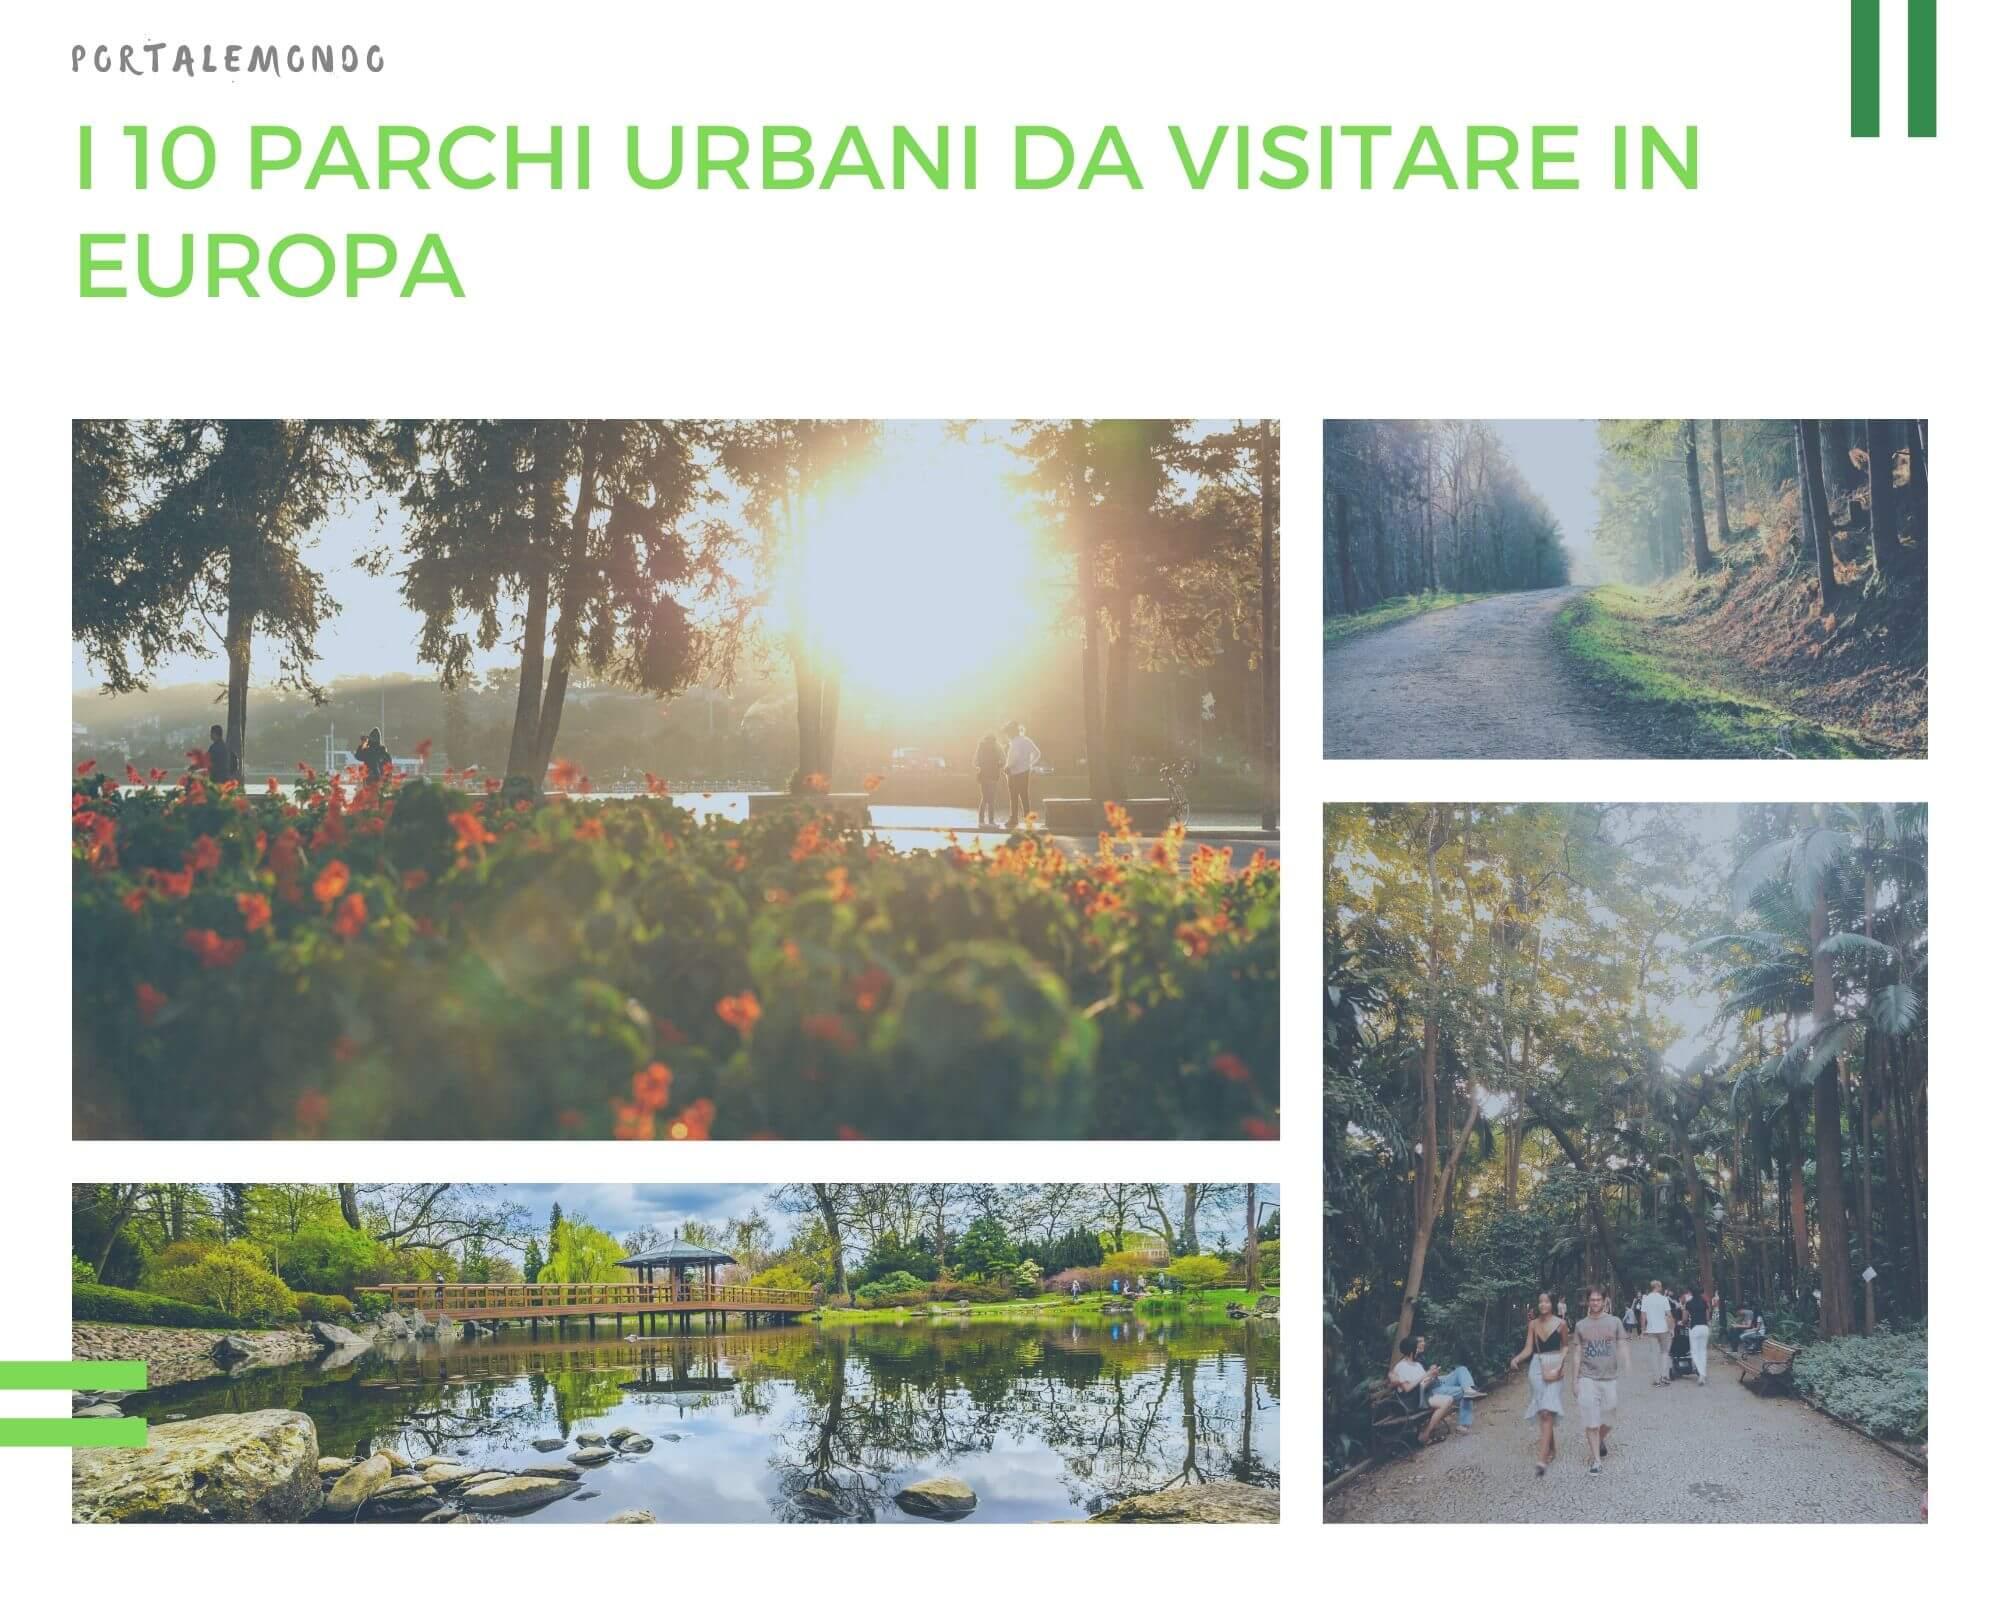 I 10 parchi urbani da visitare in Europa